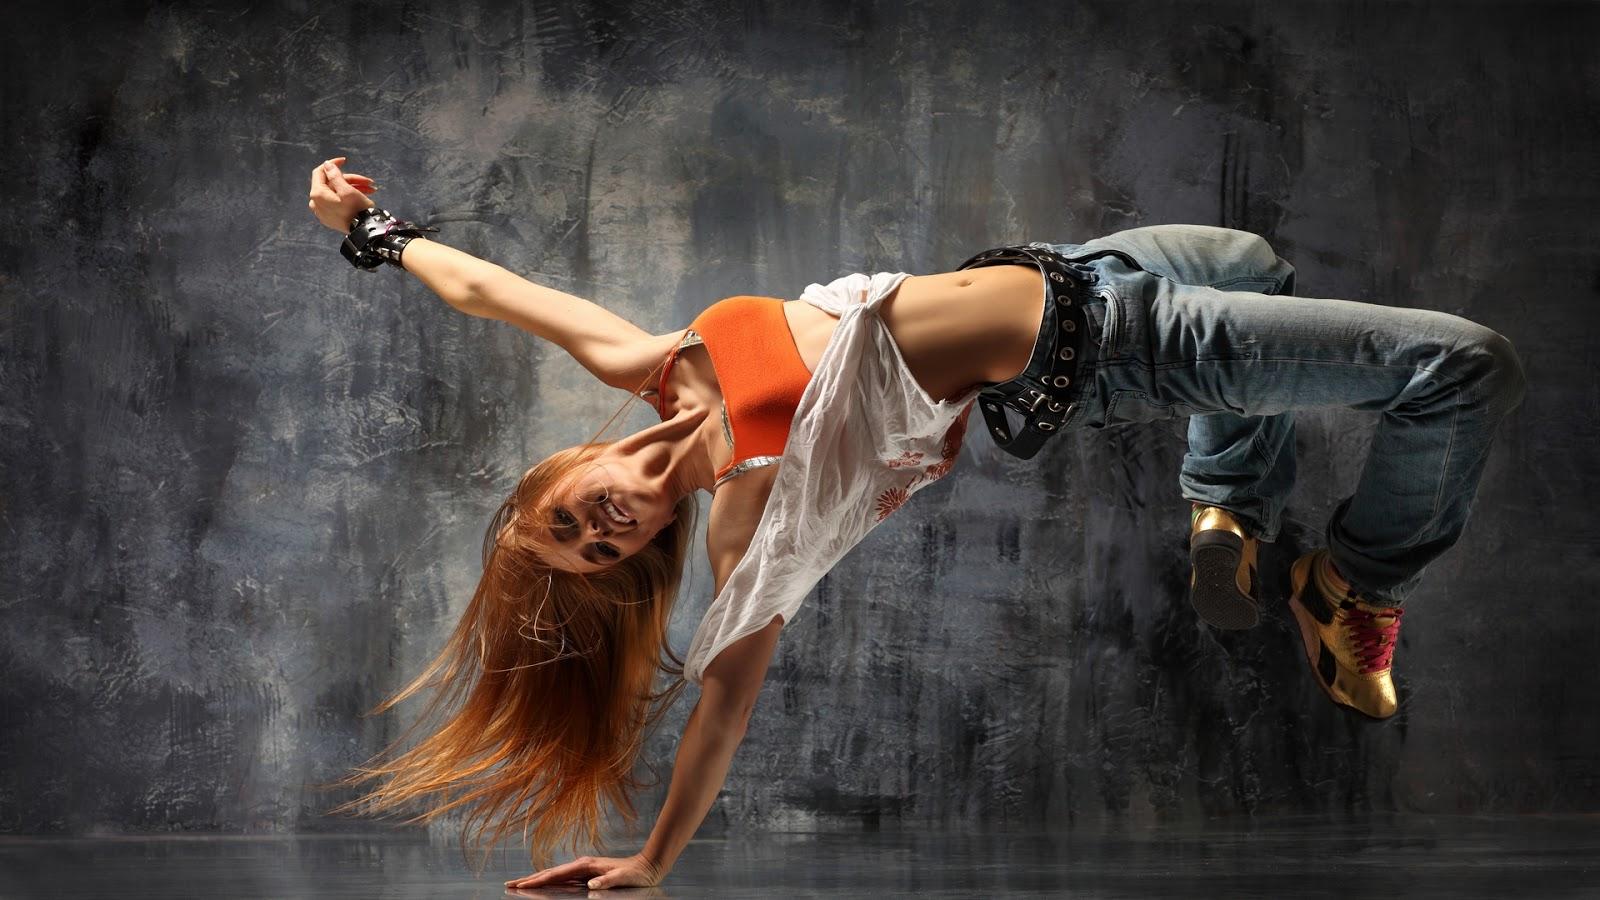 Dance hd wallpaper dance wallpaper hd wallpaper dance wallpapers 1600x900